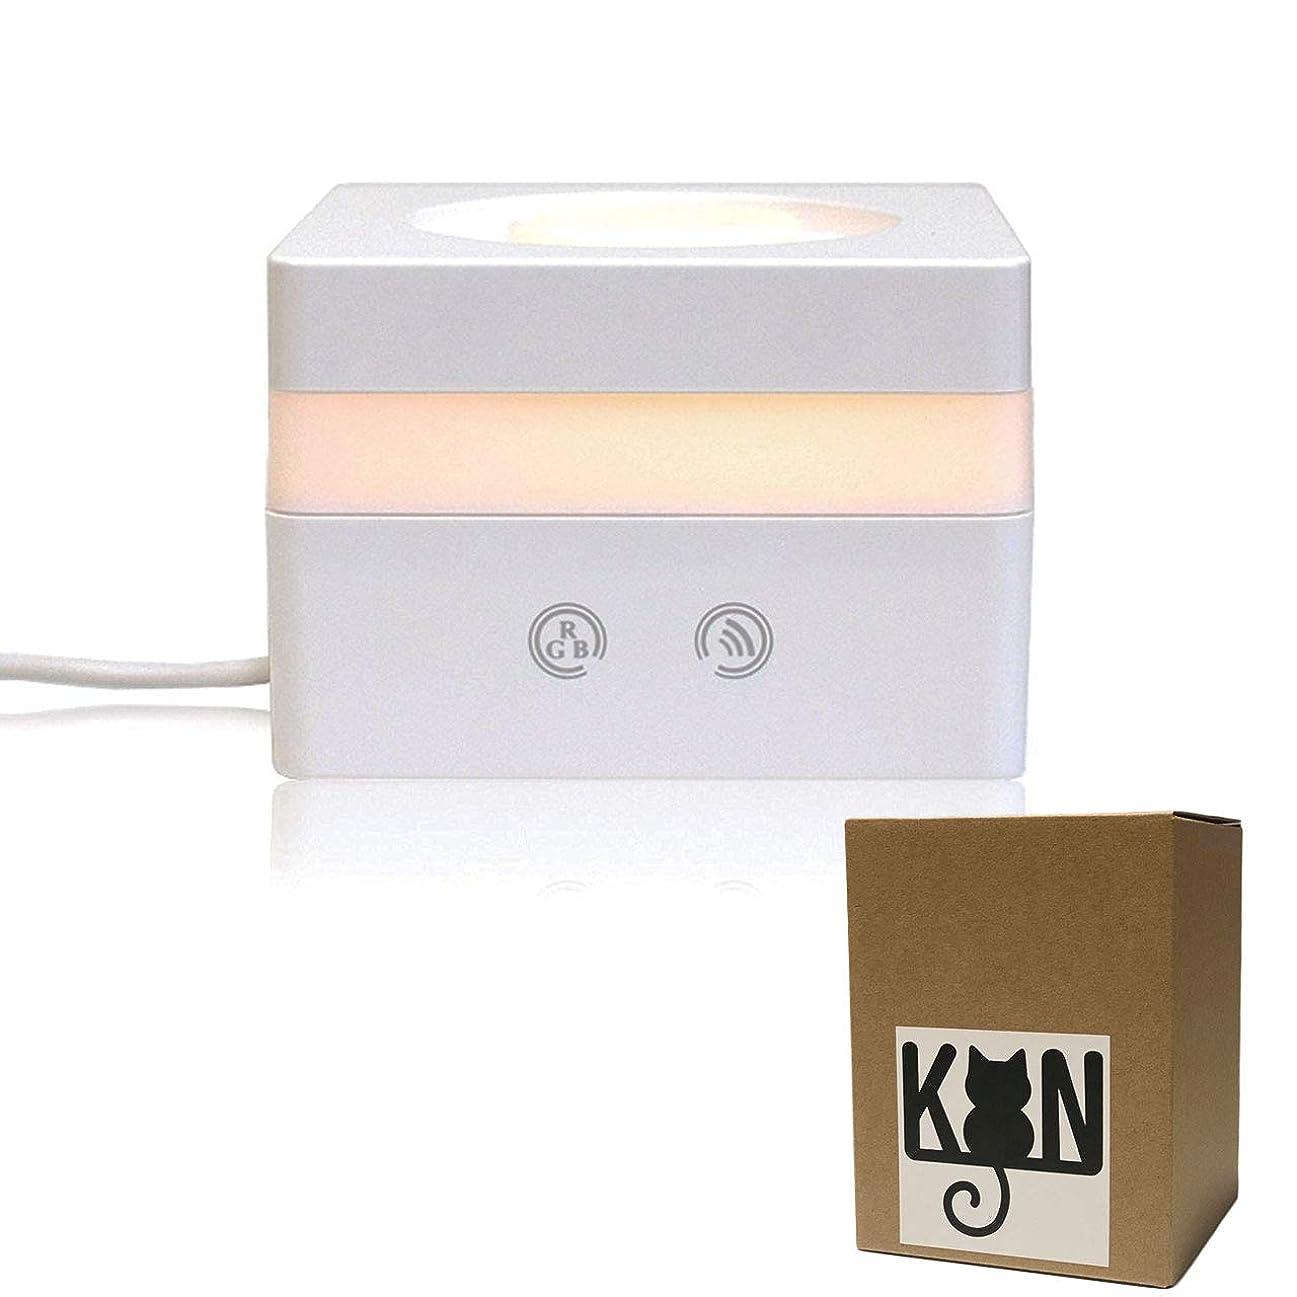 アコー維持するコインKON アロマディフューザー 超音波式 アロマ加湿器 卓上 アロマ ムードランプ 七色変換LEDライト USB給電式 空焚き防止機能 卓上加湿器 キューブ型